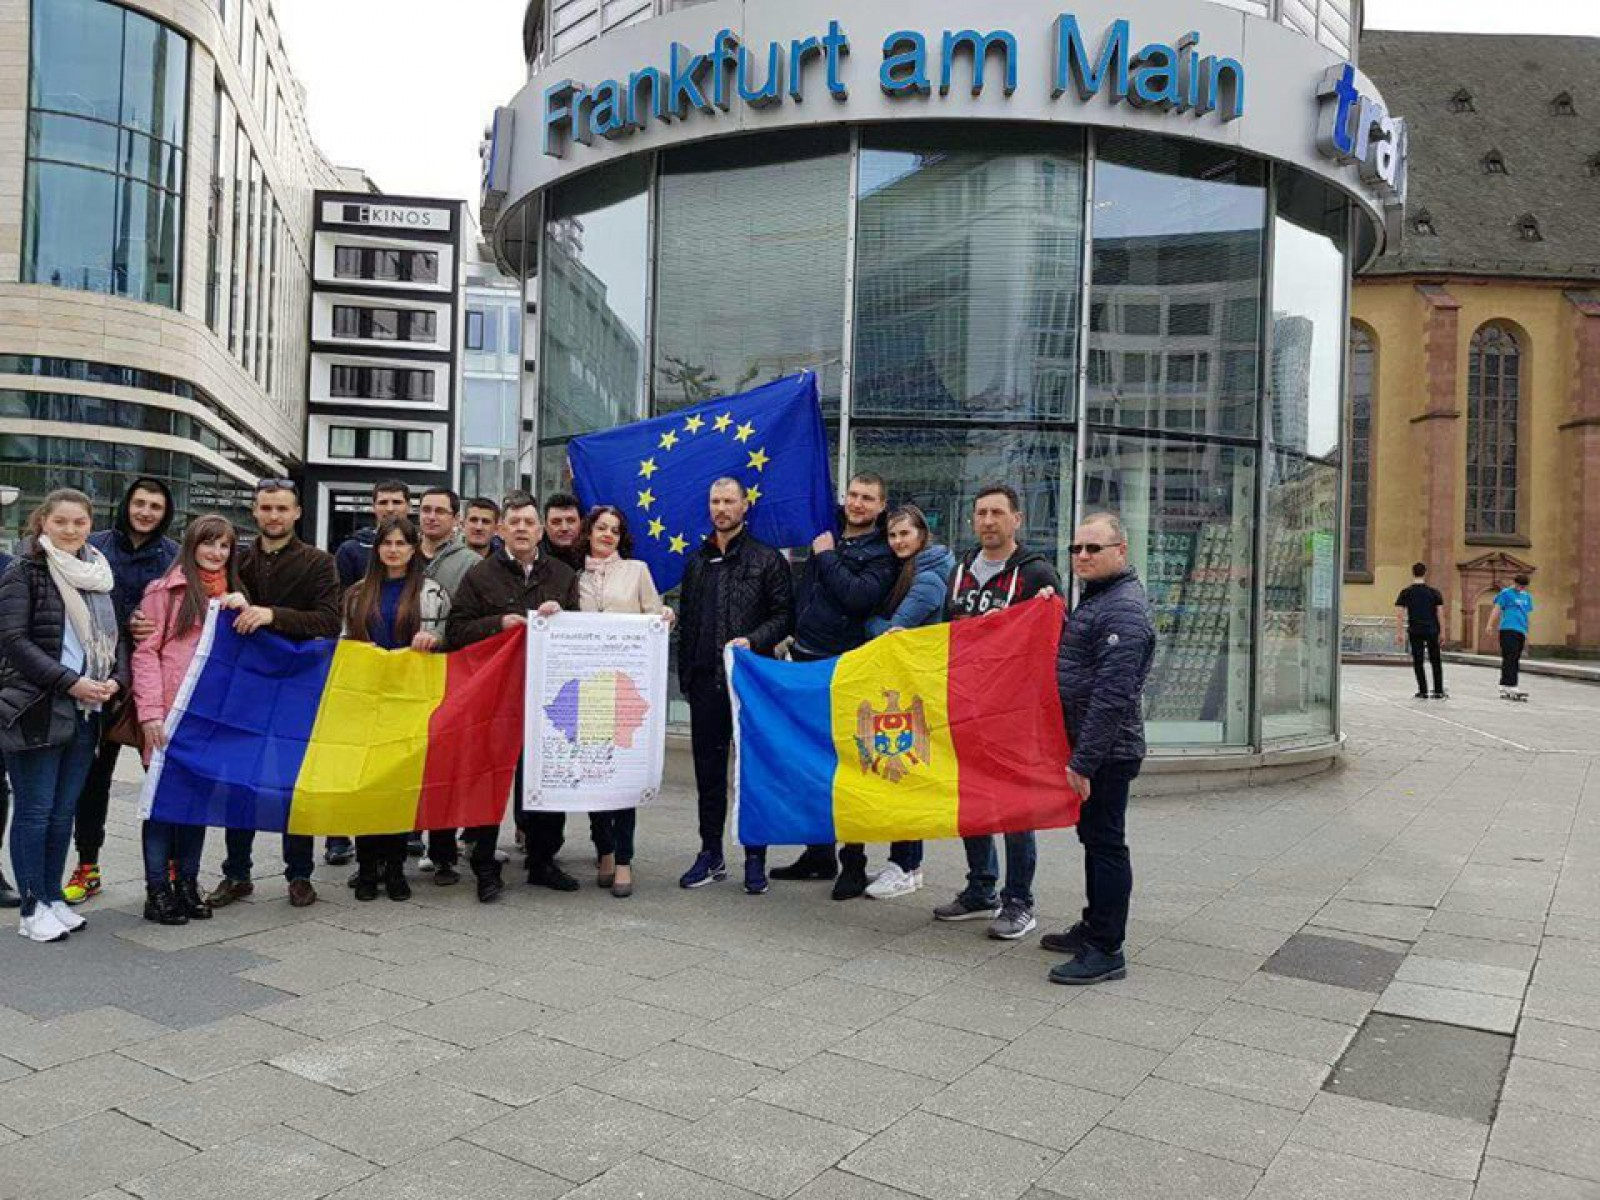 Unioniștii de pe ambele maluri ale Prutului s-au întâlnit la Frankfurt am Main pentru a semna declarația de Unire